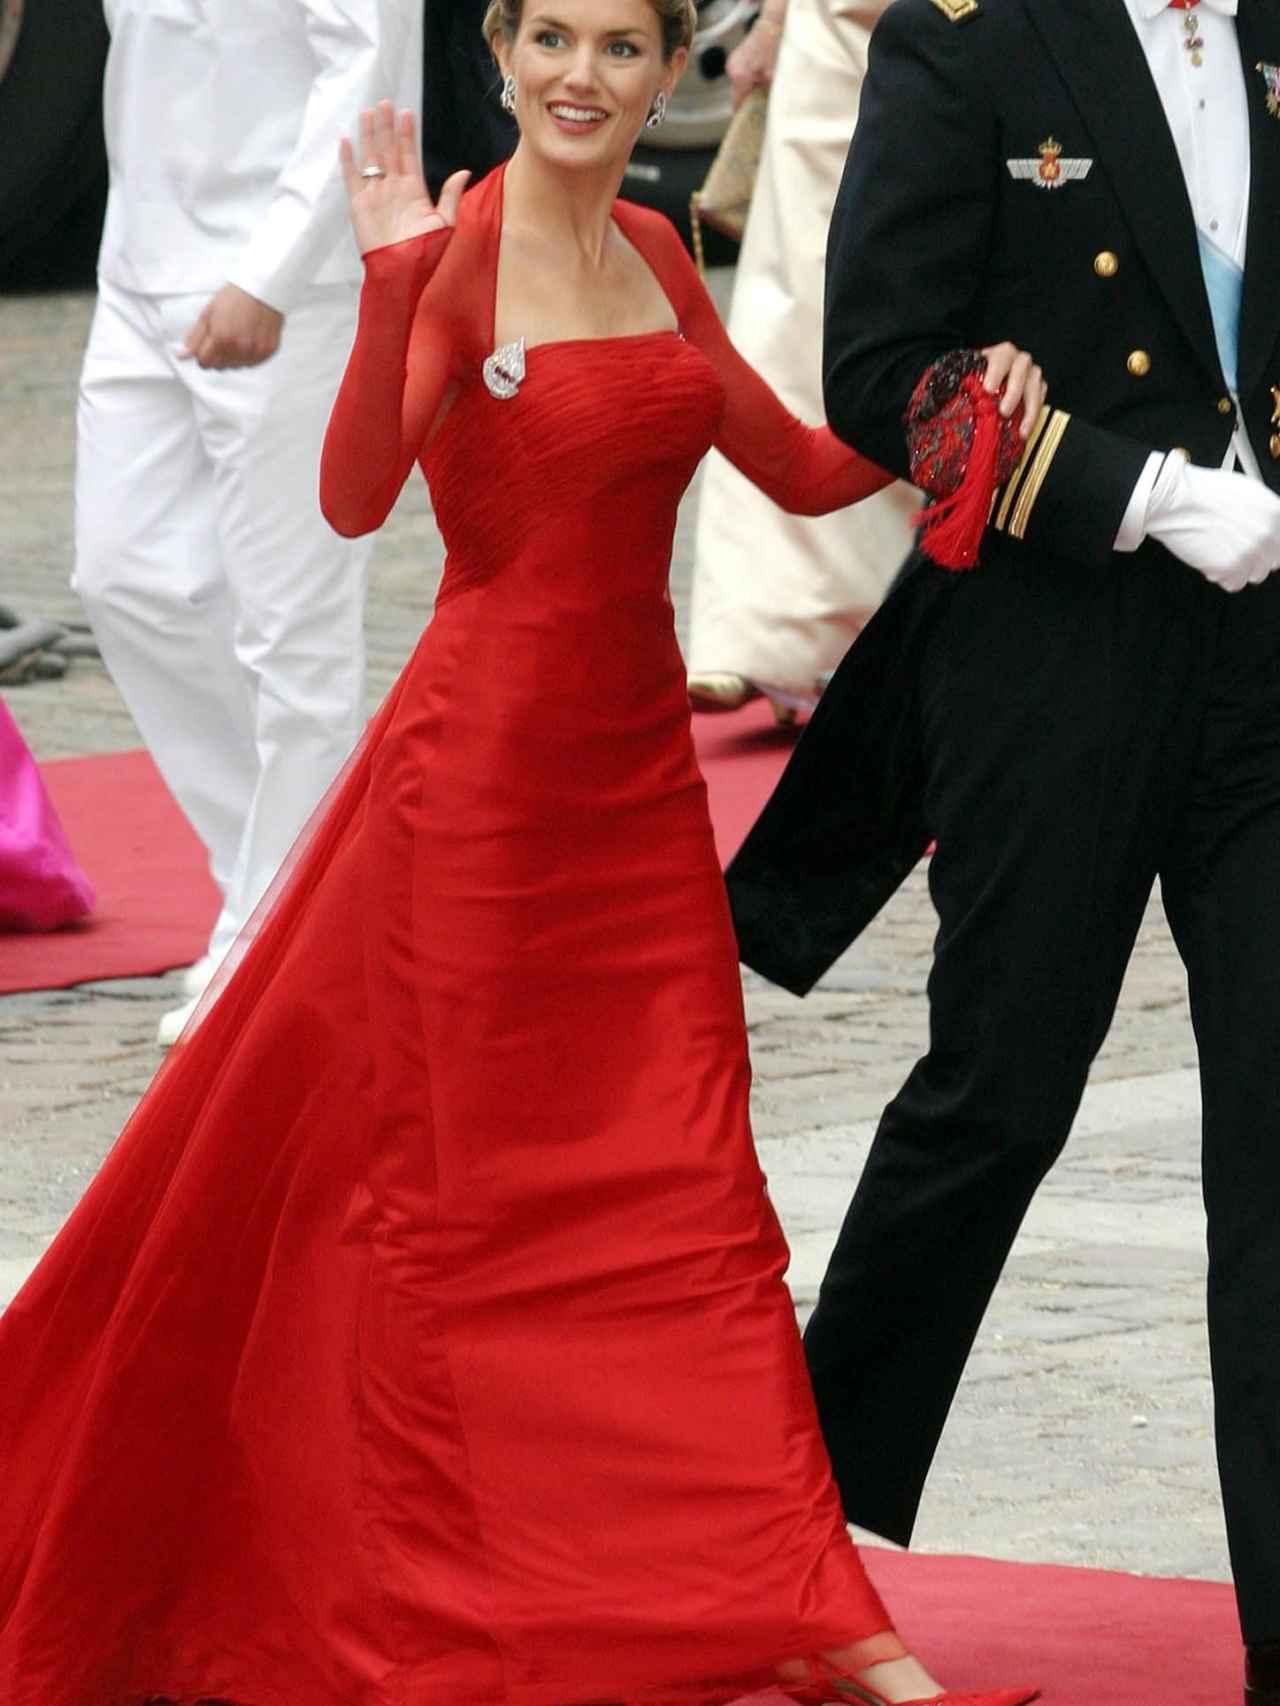 La entonces prometida del príncipe Felipe debutó en Europa con este diseño de Caprile.